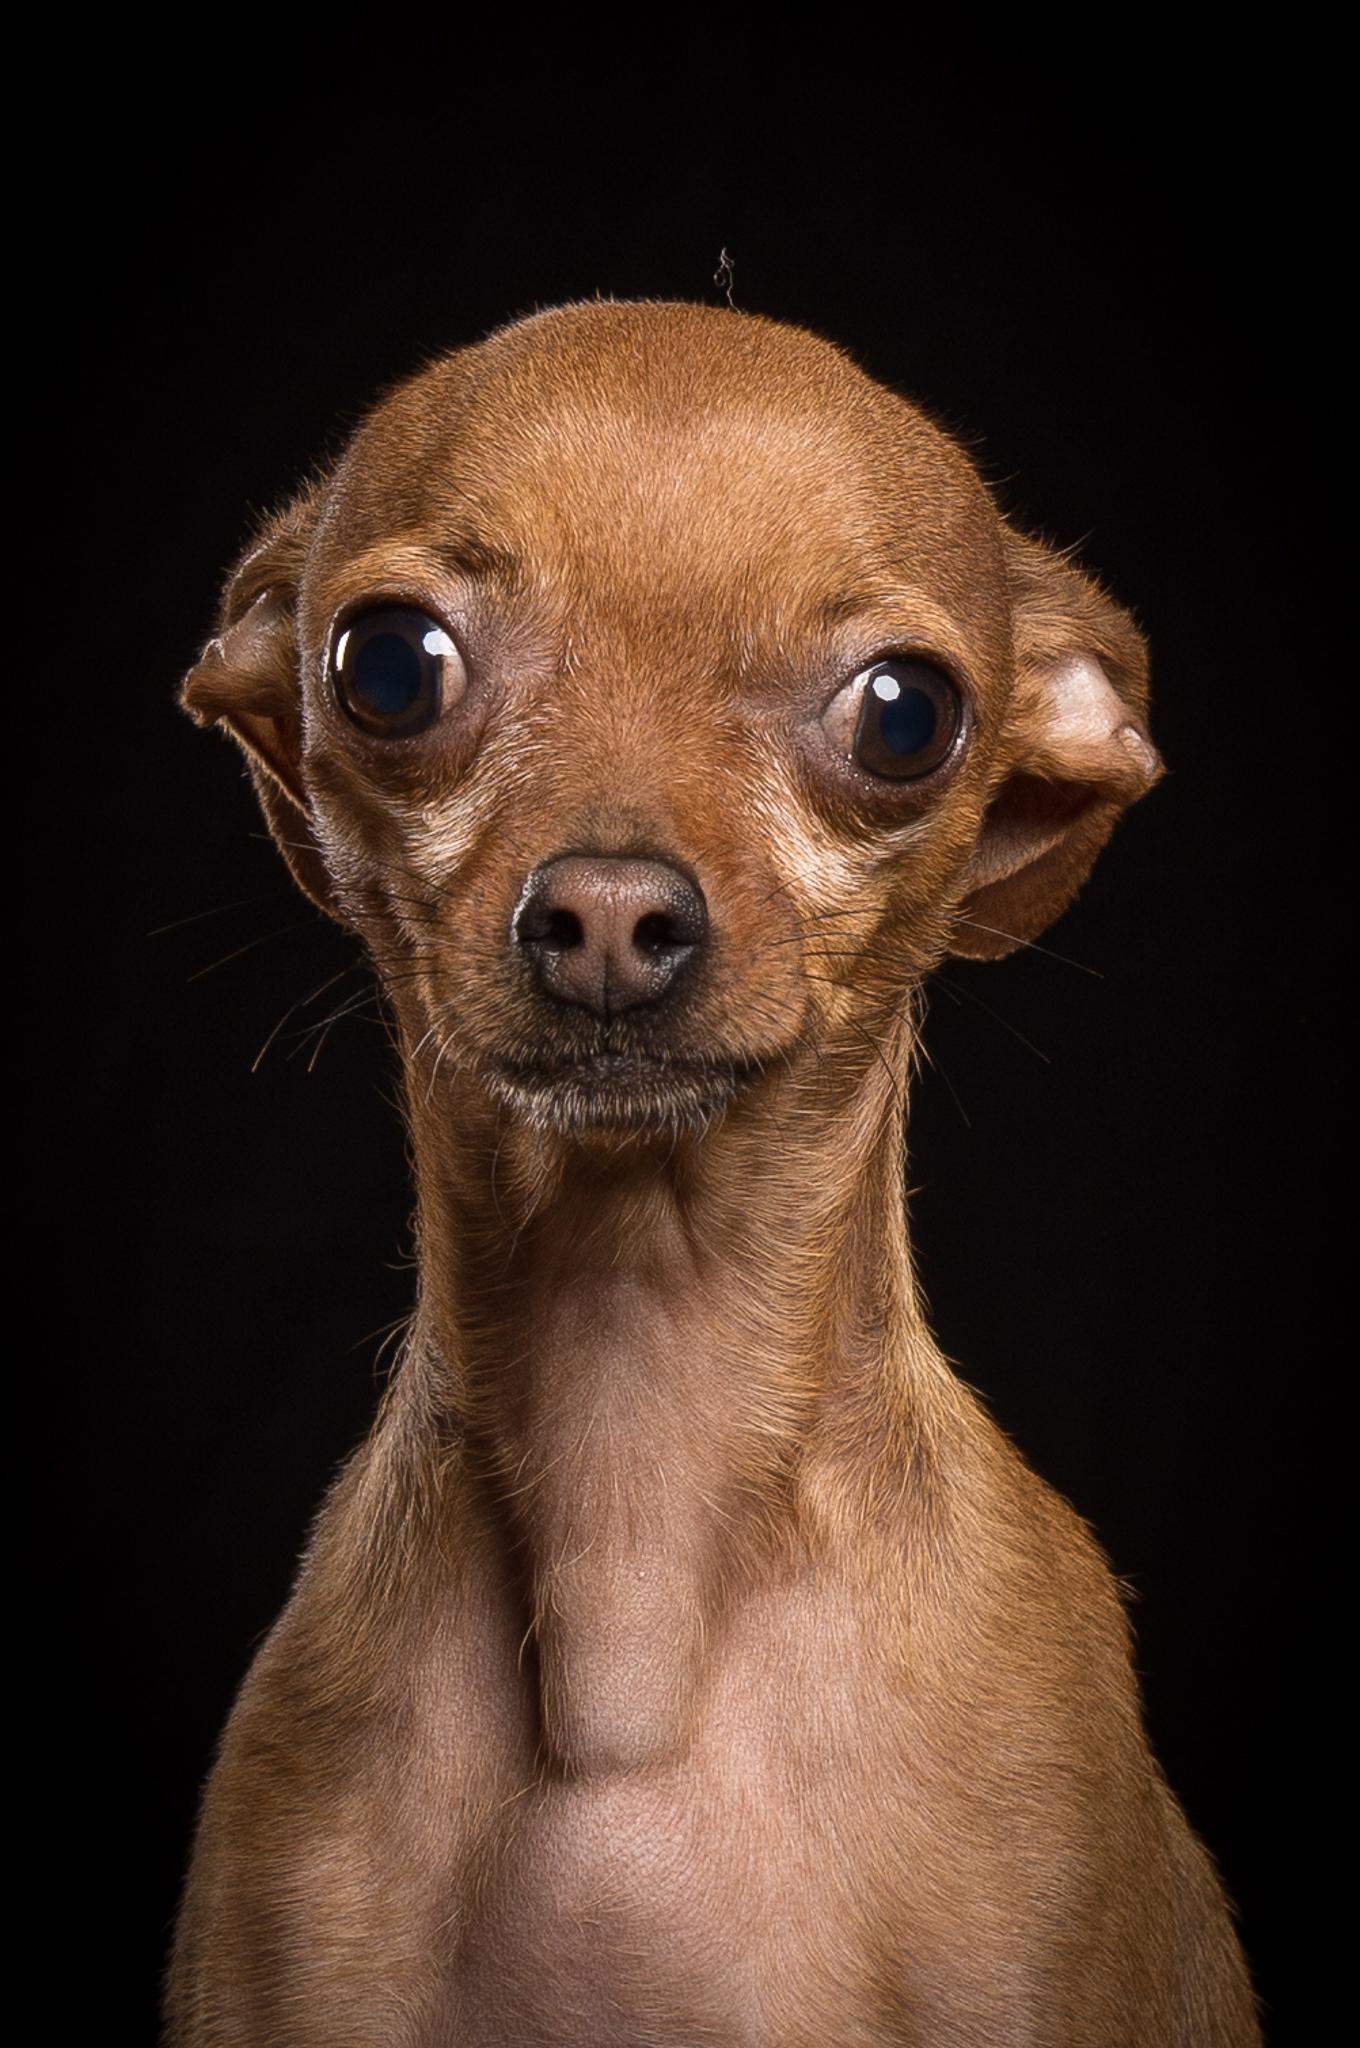 klaus-dyba-dog-photography-chihuahua